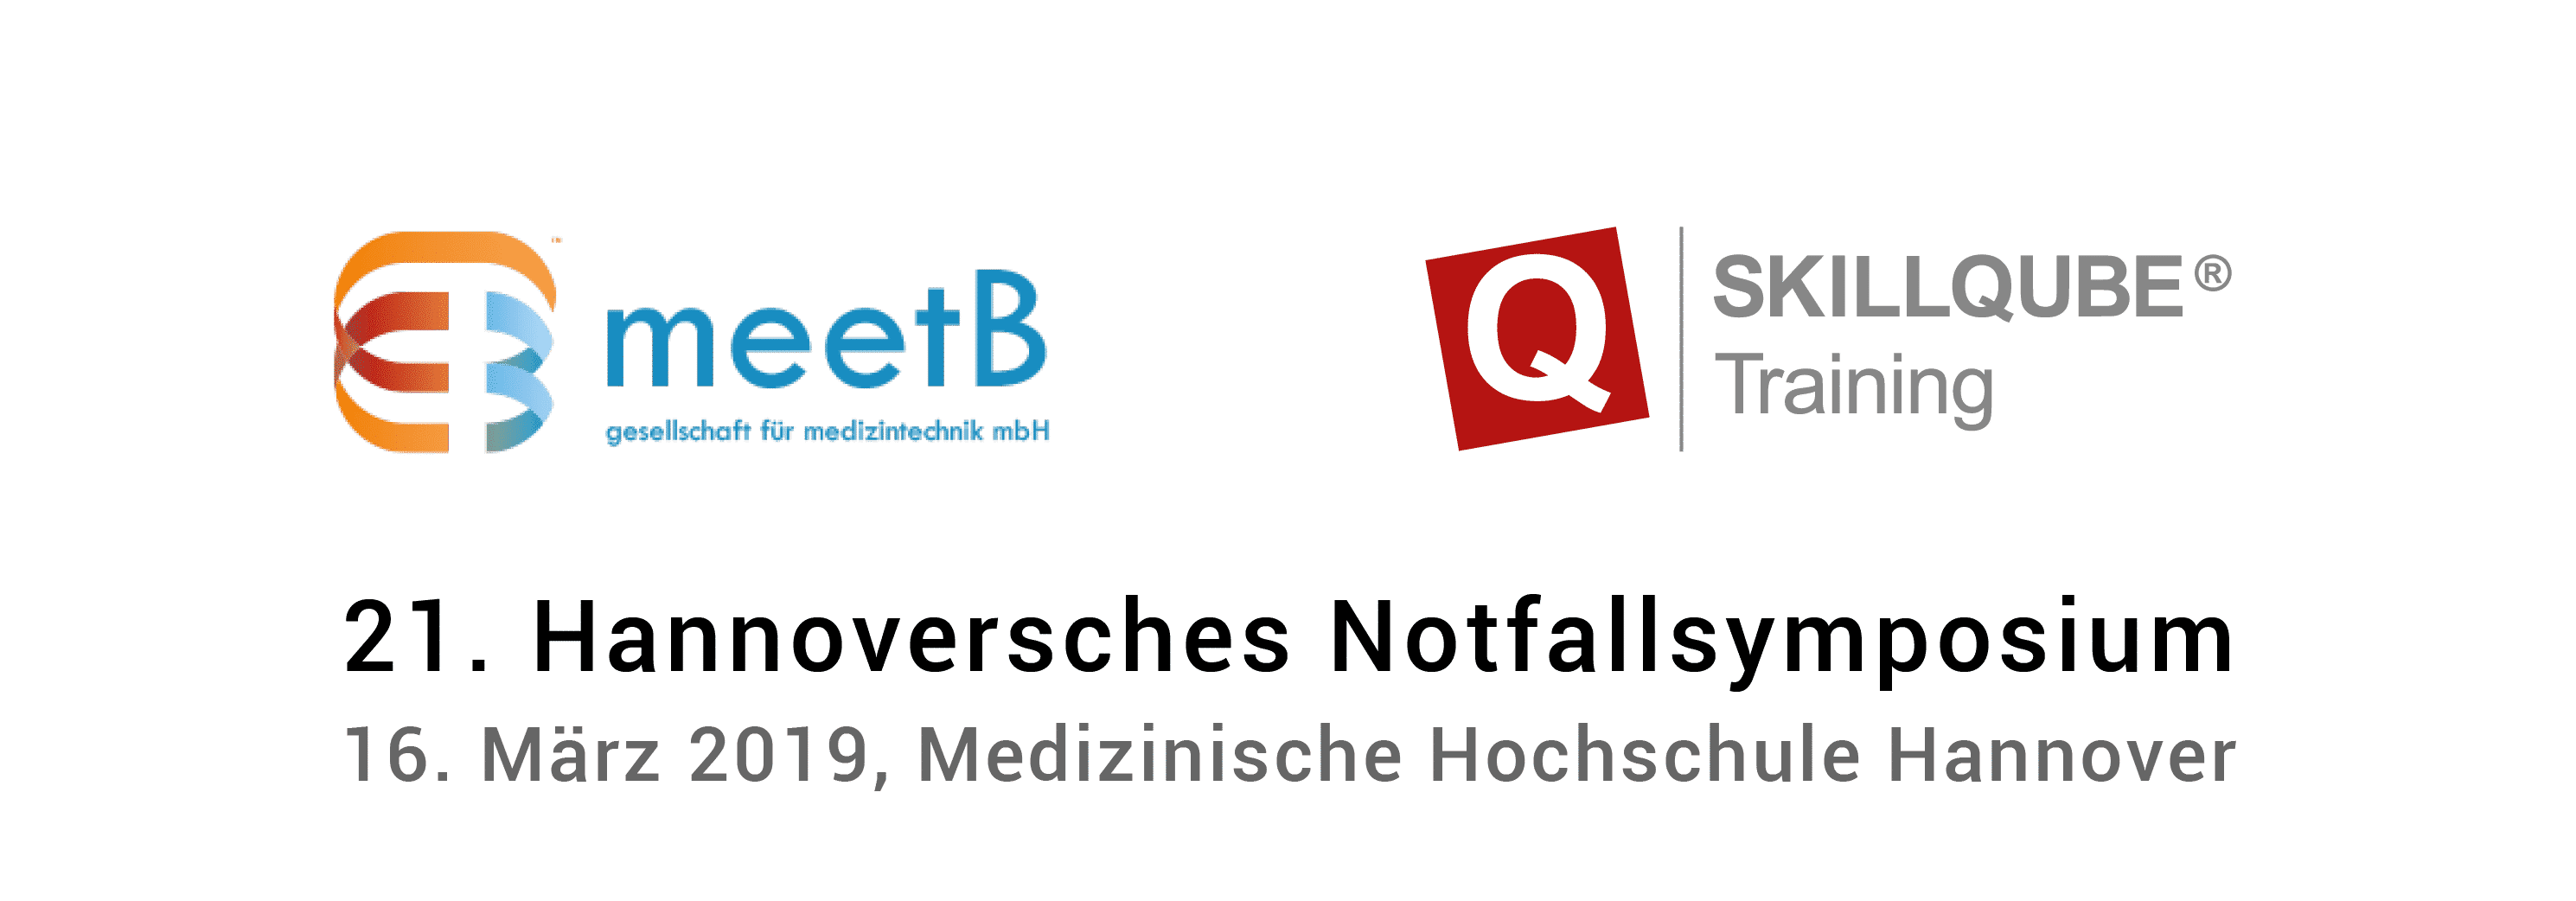 Hannoversches Notfallsymposium SQ meetB